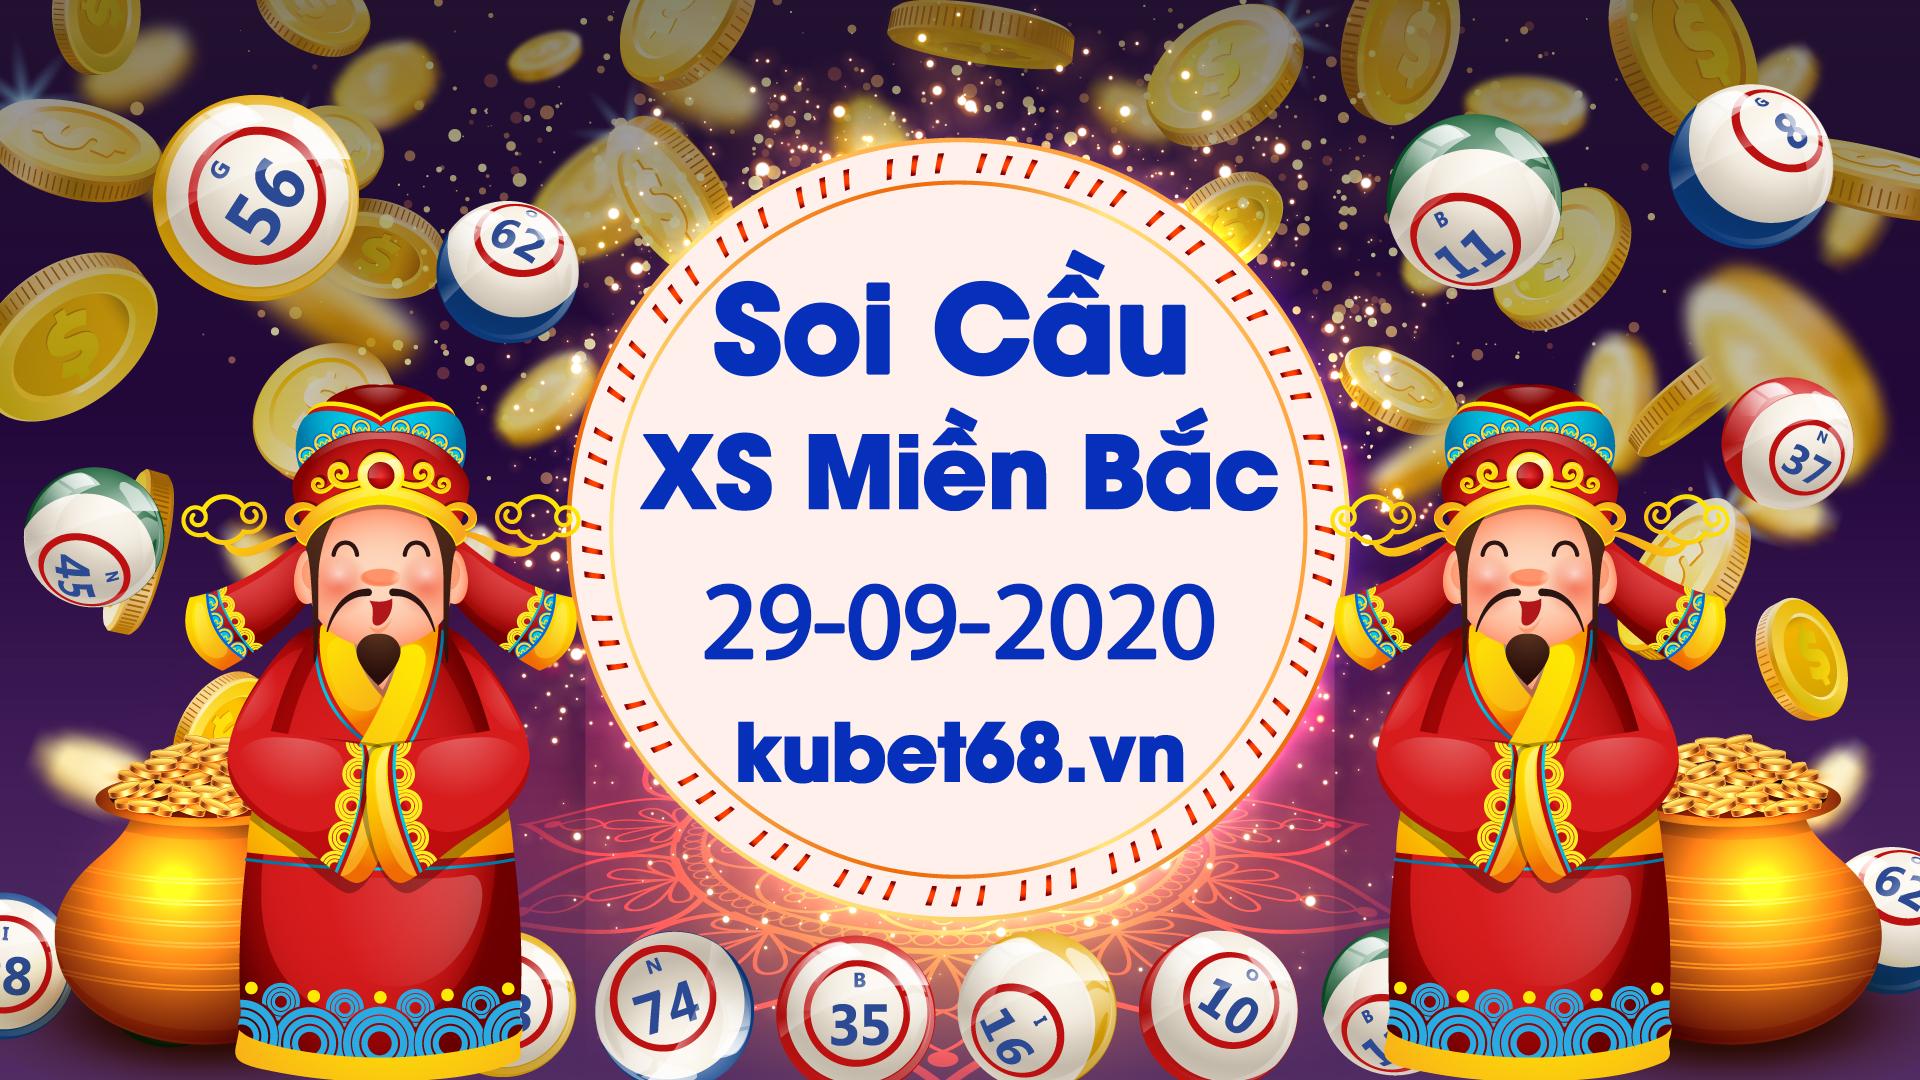 Soi cầu XSMB 29-09-2020